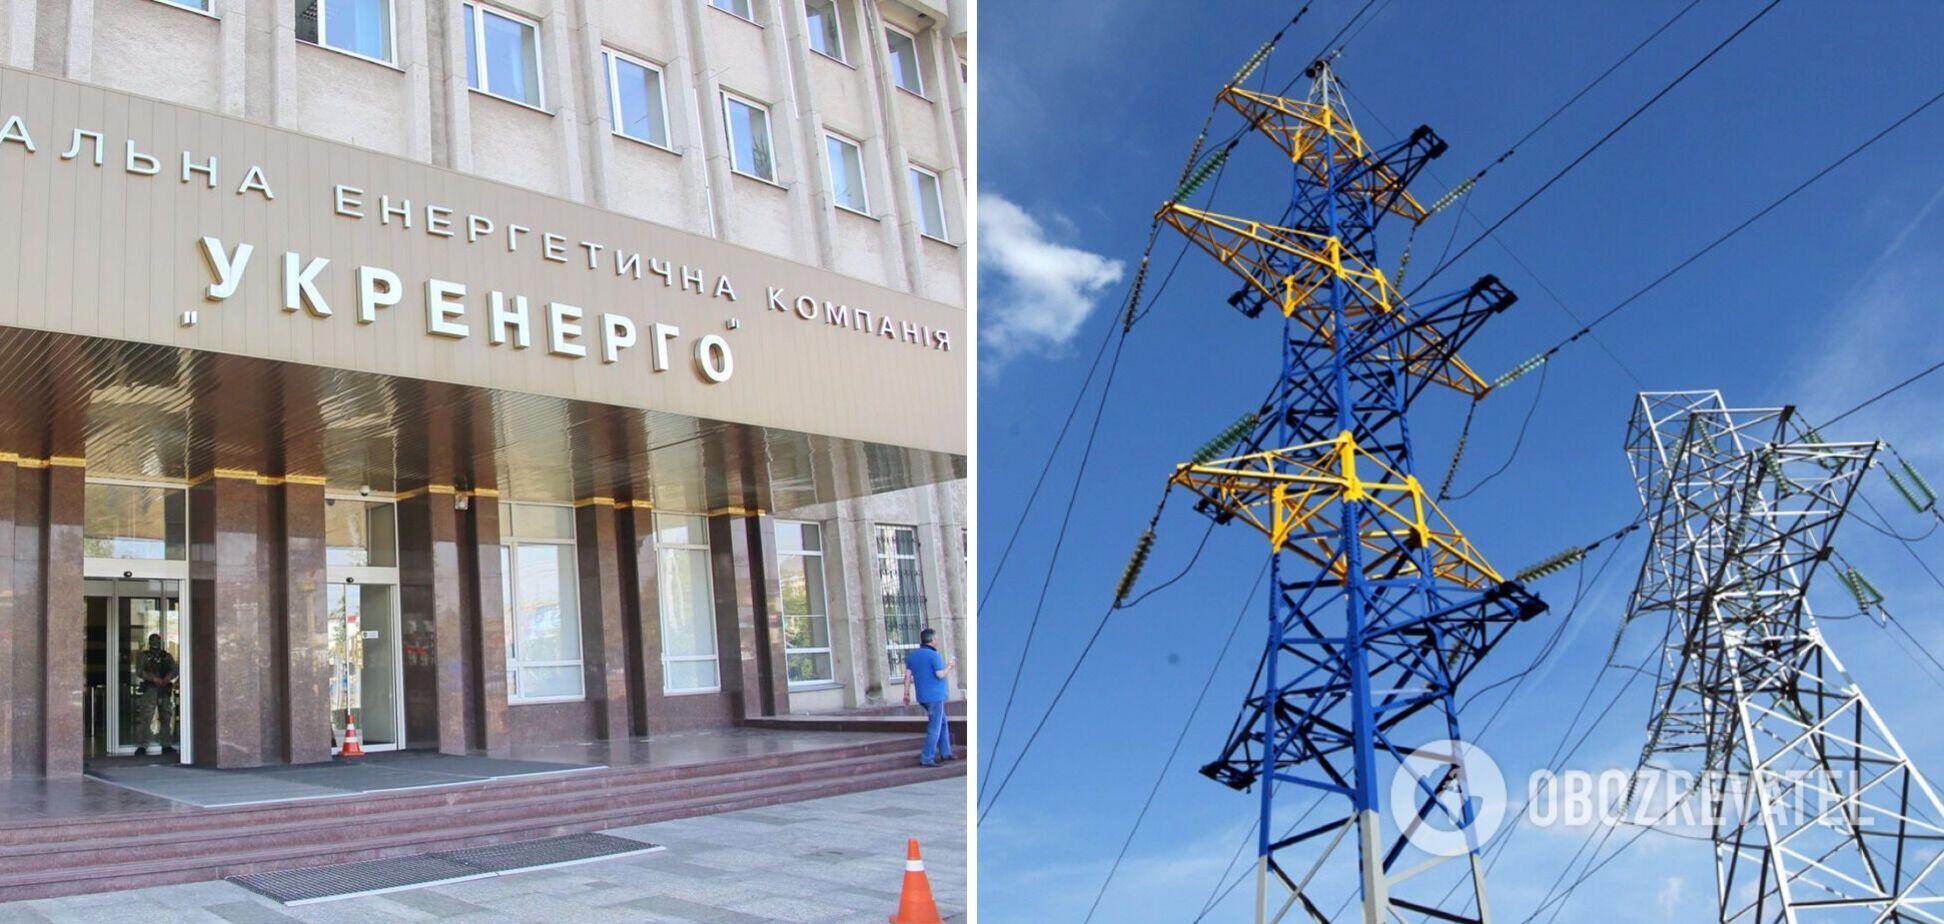 Підвищення тарифу на диспетчеризацію струму необгрунтоване – ФРУ